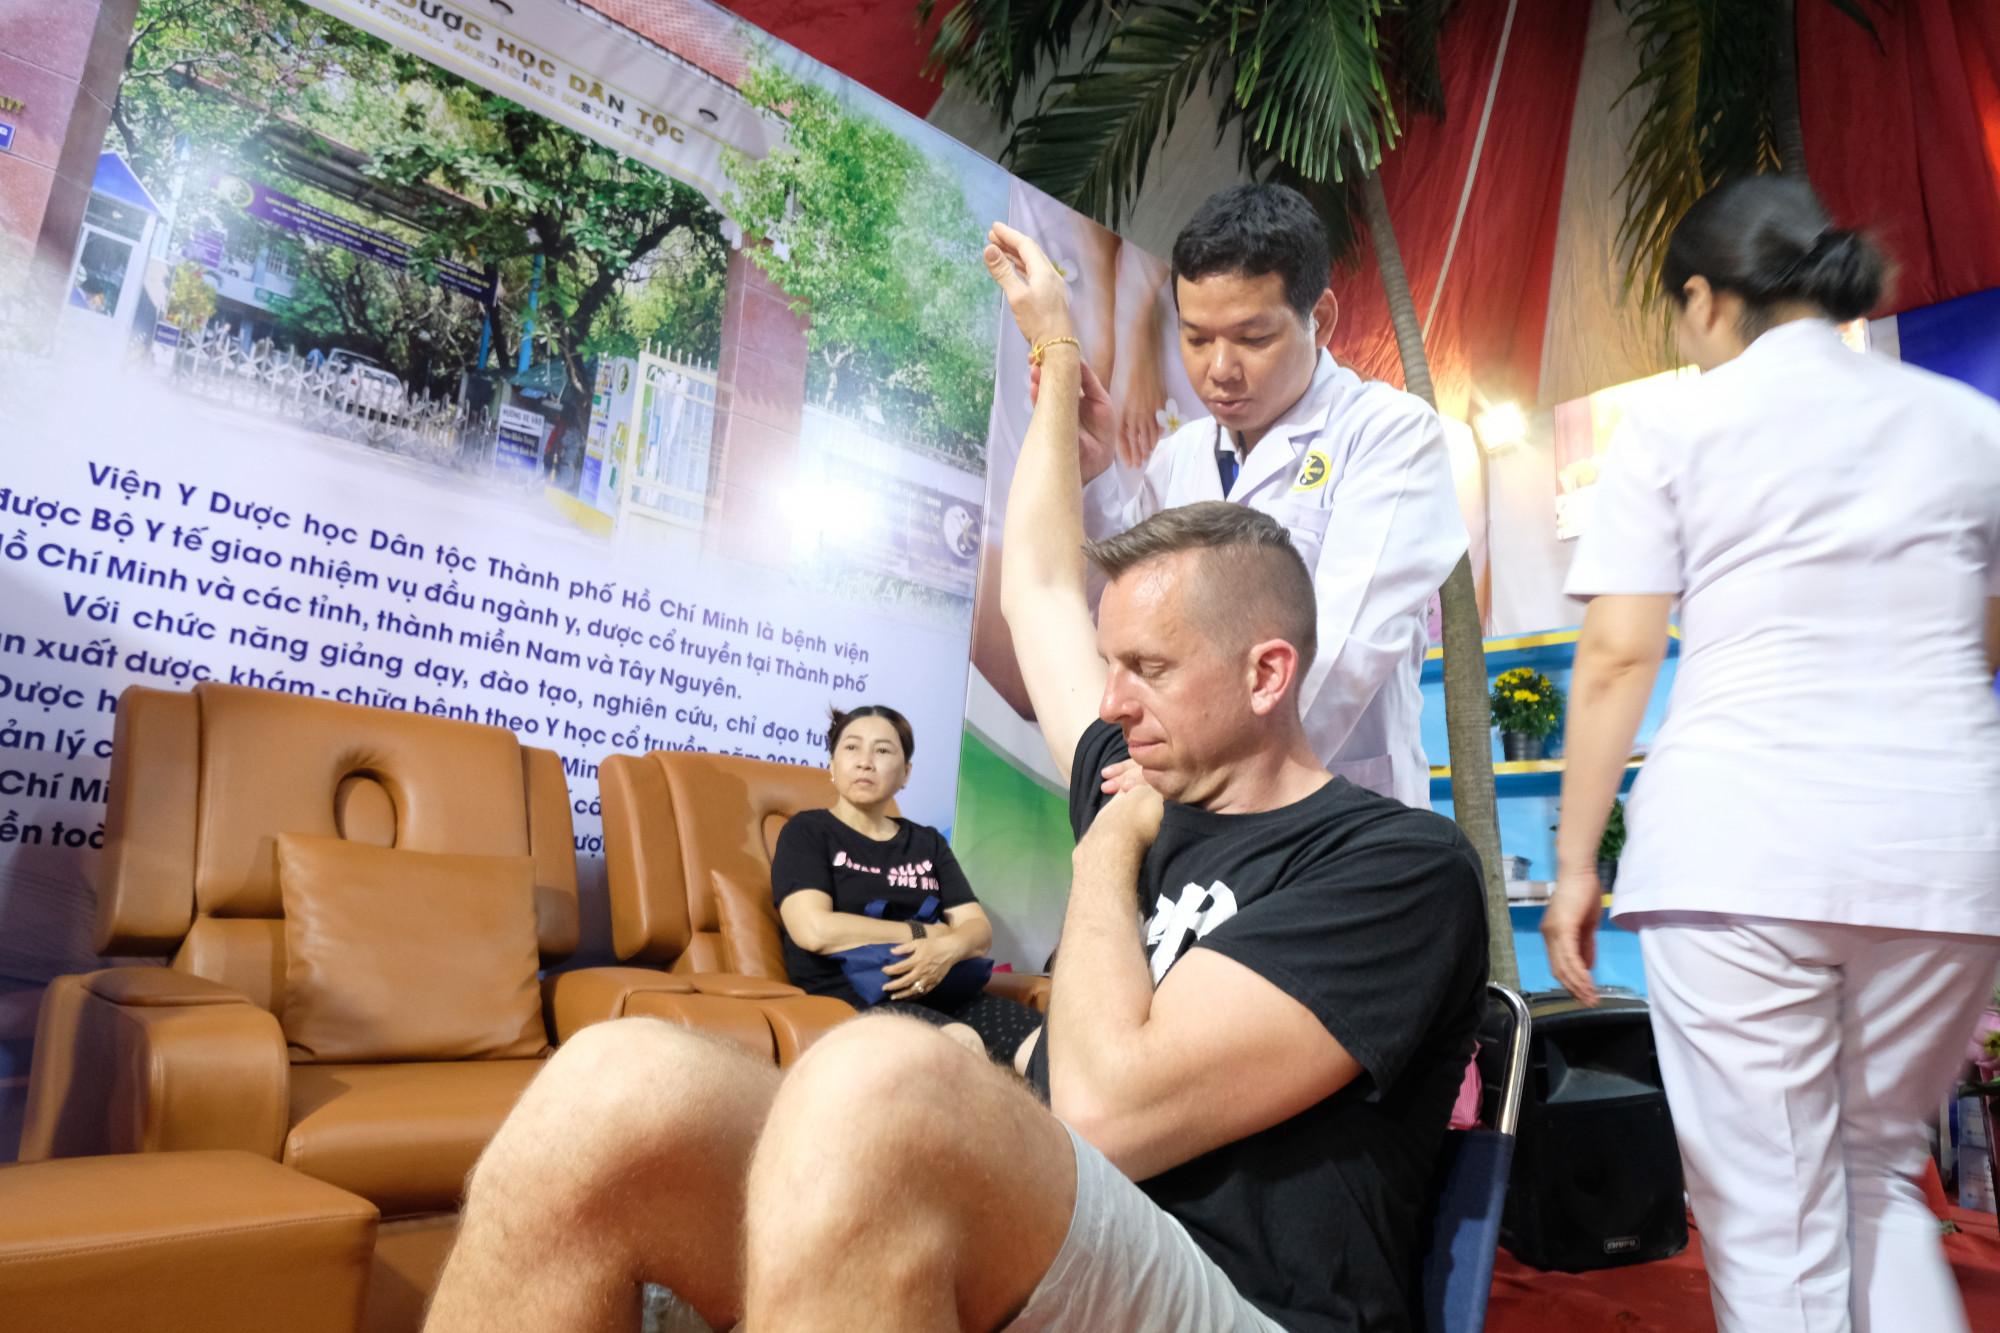 Y bác sĩ Viện Y Dược học dân tộc TPHCM tập vật lý trị liệu cho du khách nước ngoài tại một hội chợ du lịch quốc tế năm 2019 - Ảnh: Chế Trung.